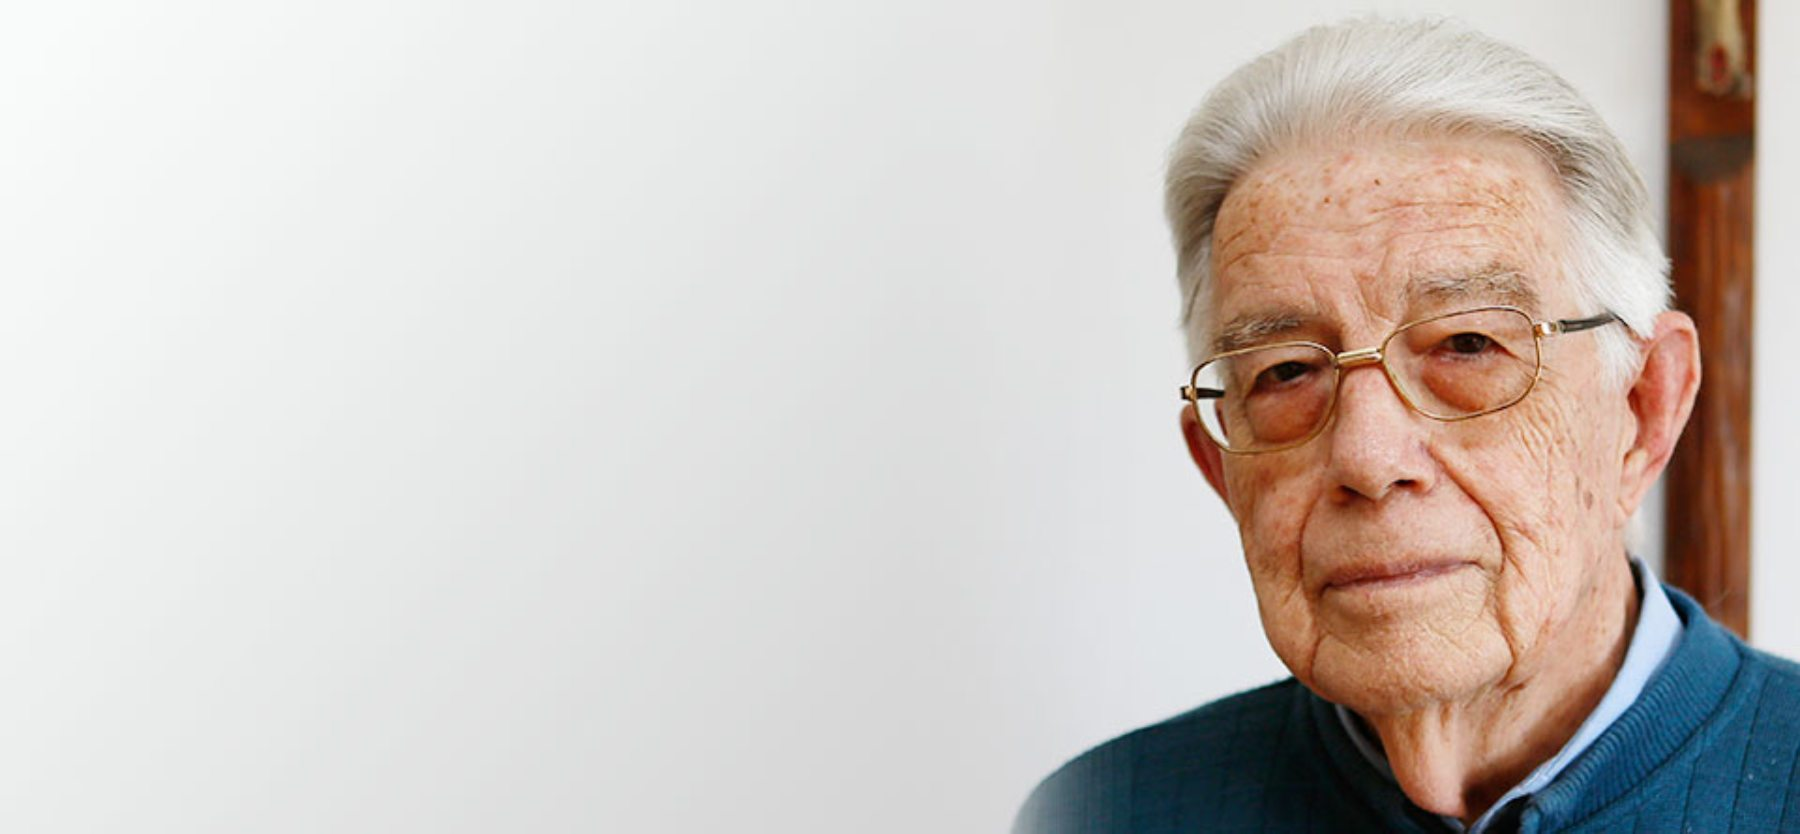 Ältere frauen suchen ältere männer für die ehe